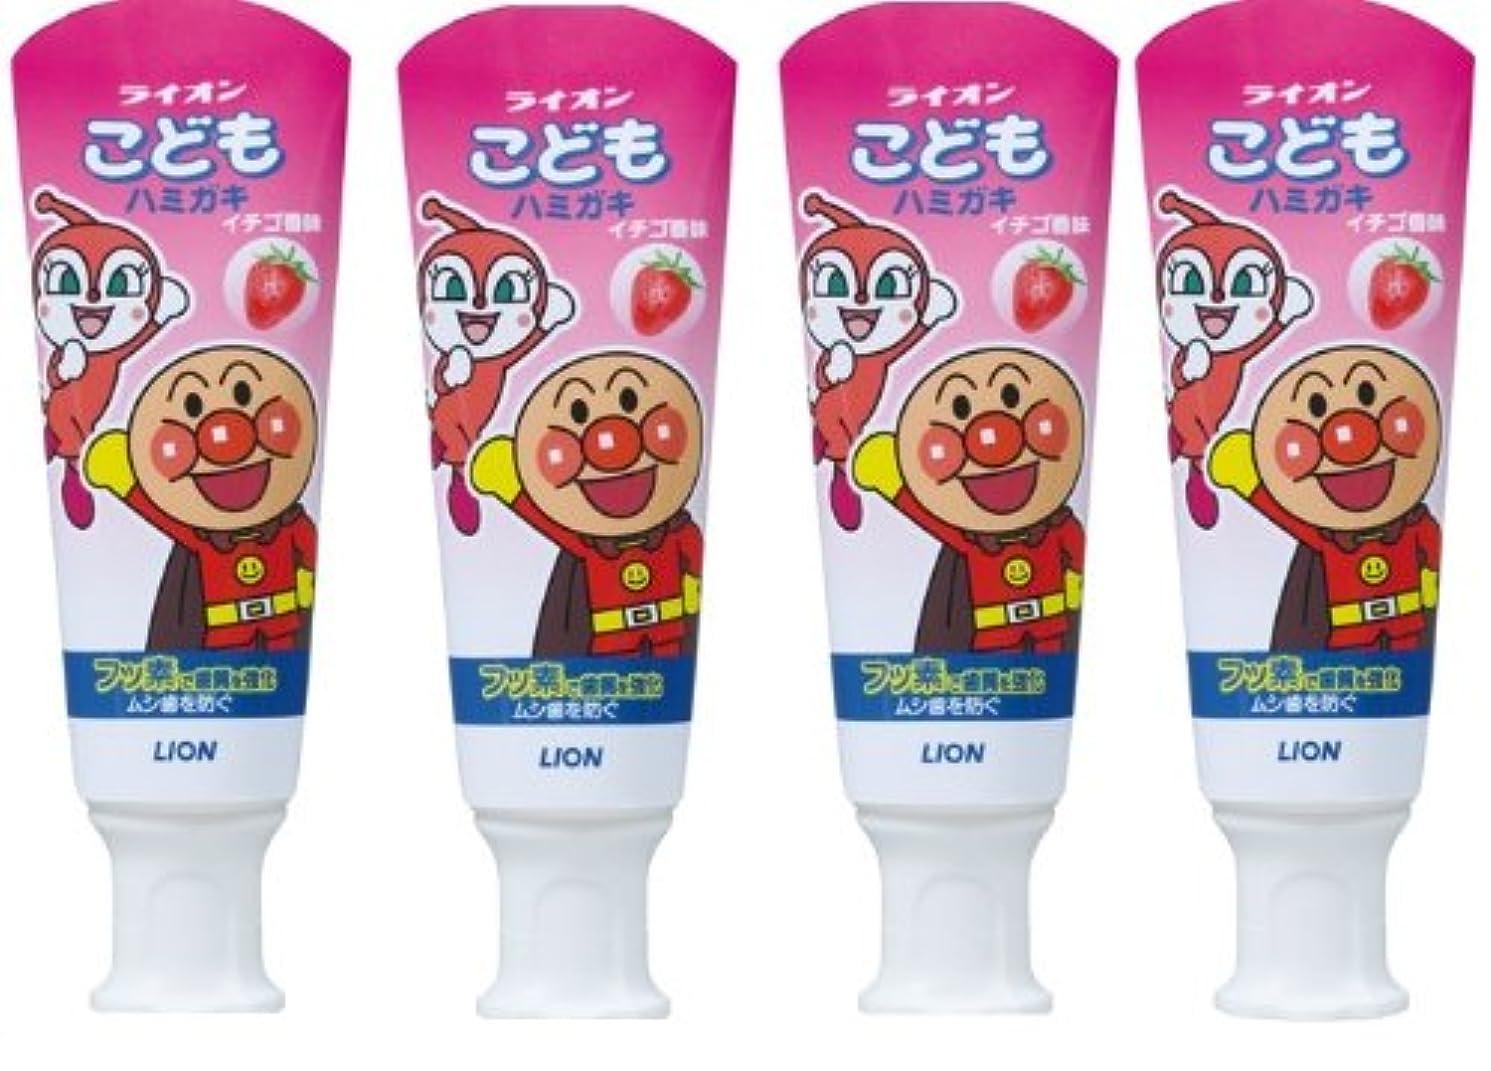 読む好意的宅配便こどもハミガキ アンパンマン イチゴ香味 40g×4個パック (医薬部外品)